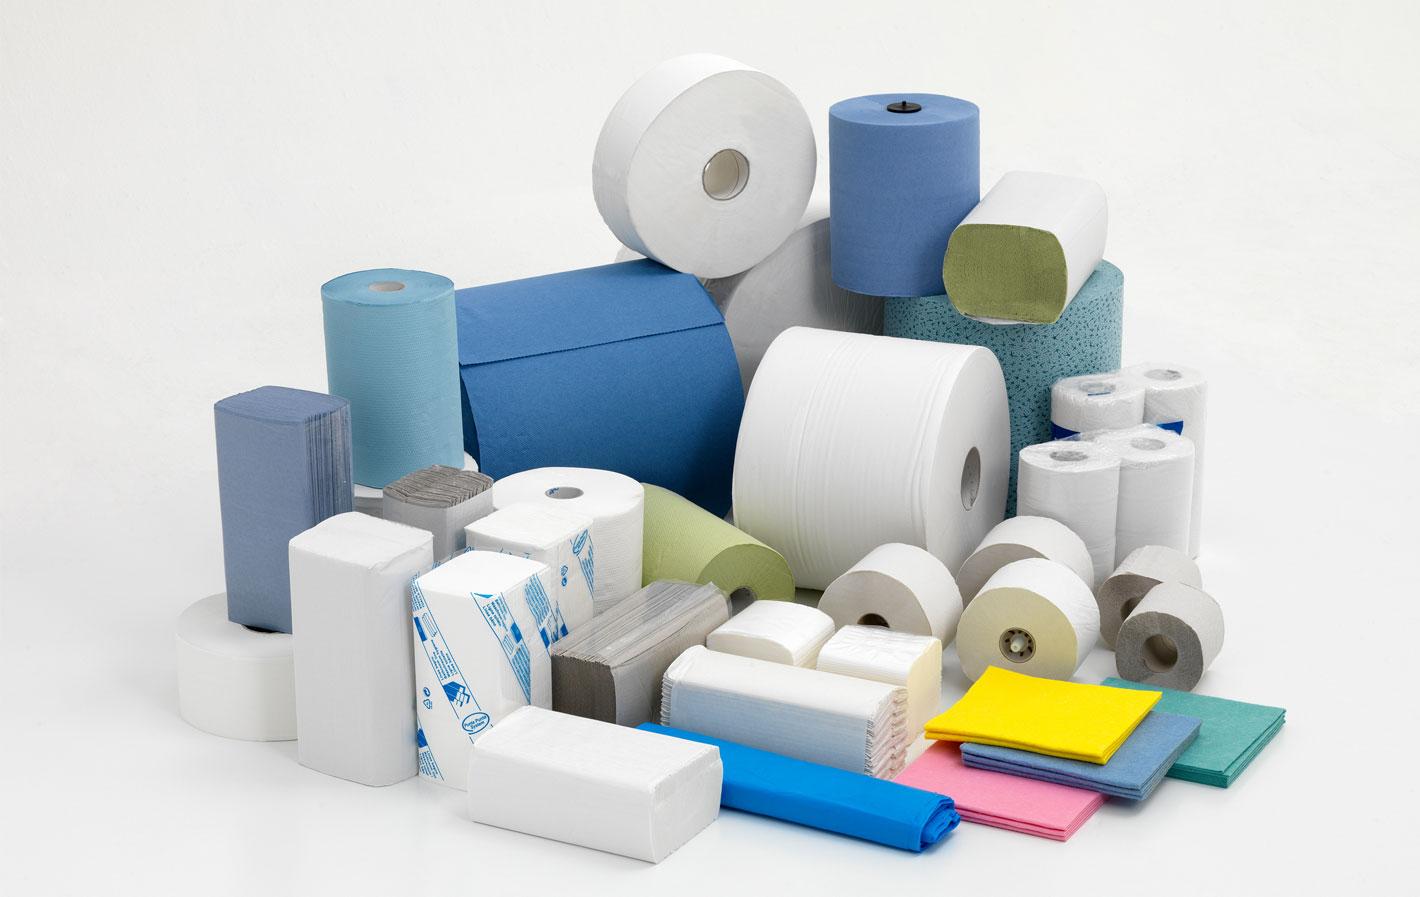 Производство туалетной бумаги в домашних условиях стоимость